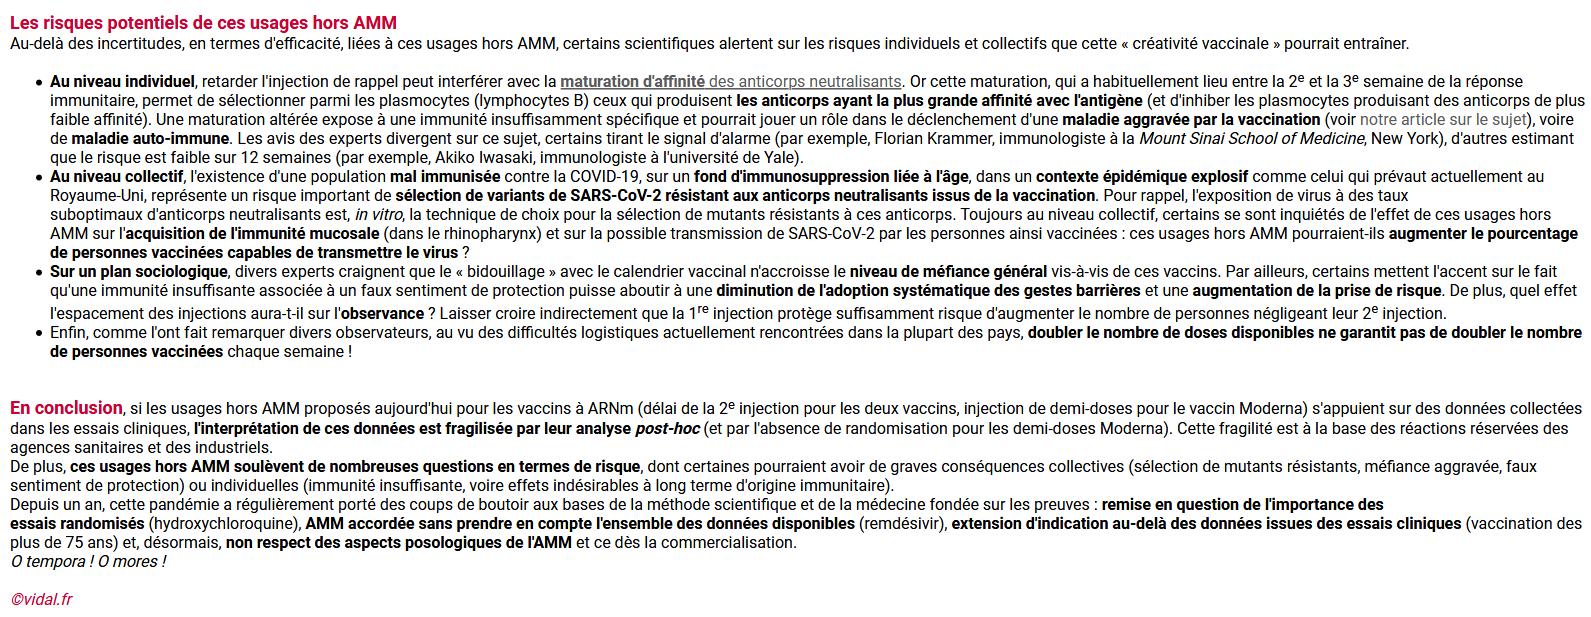 Screenshot_2021-01-08 COVID19 vacunas viento de creatividad en el calendario de vacunas .png